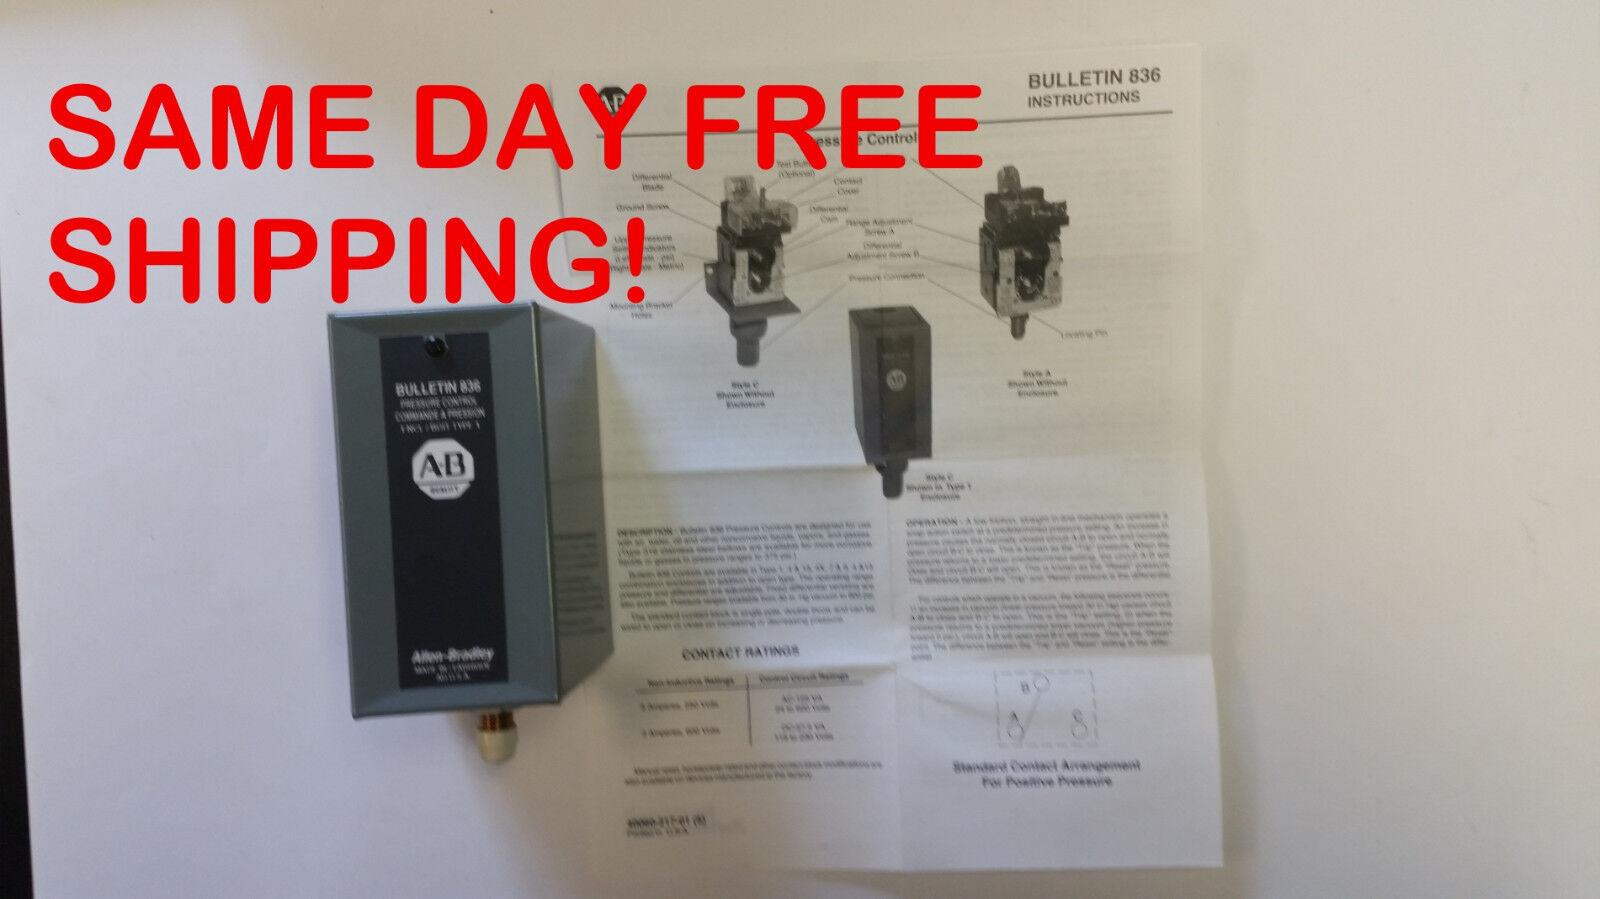 BULLETIN 836 836-A1A 15PSI PRESSURE CONTROL ITEM